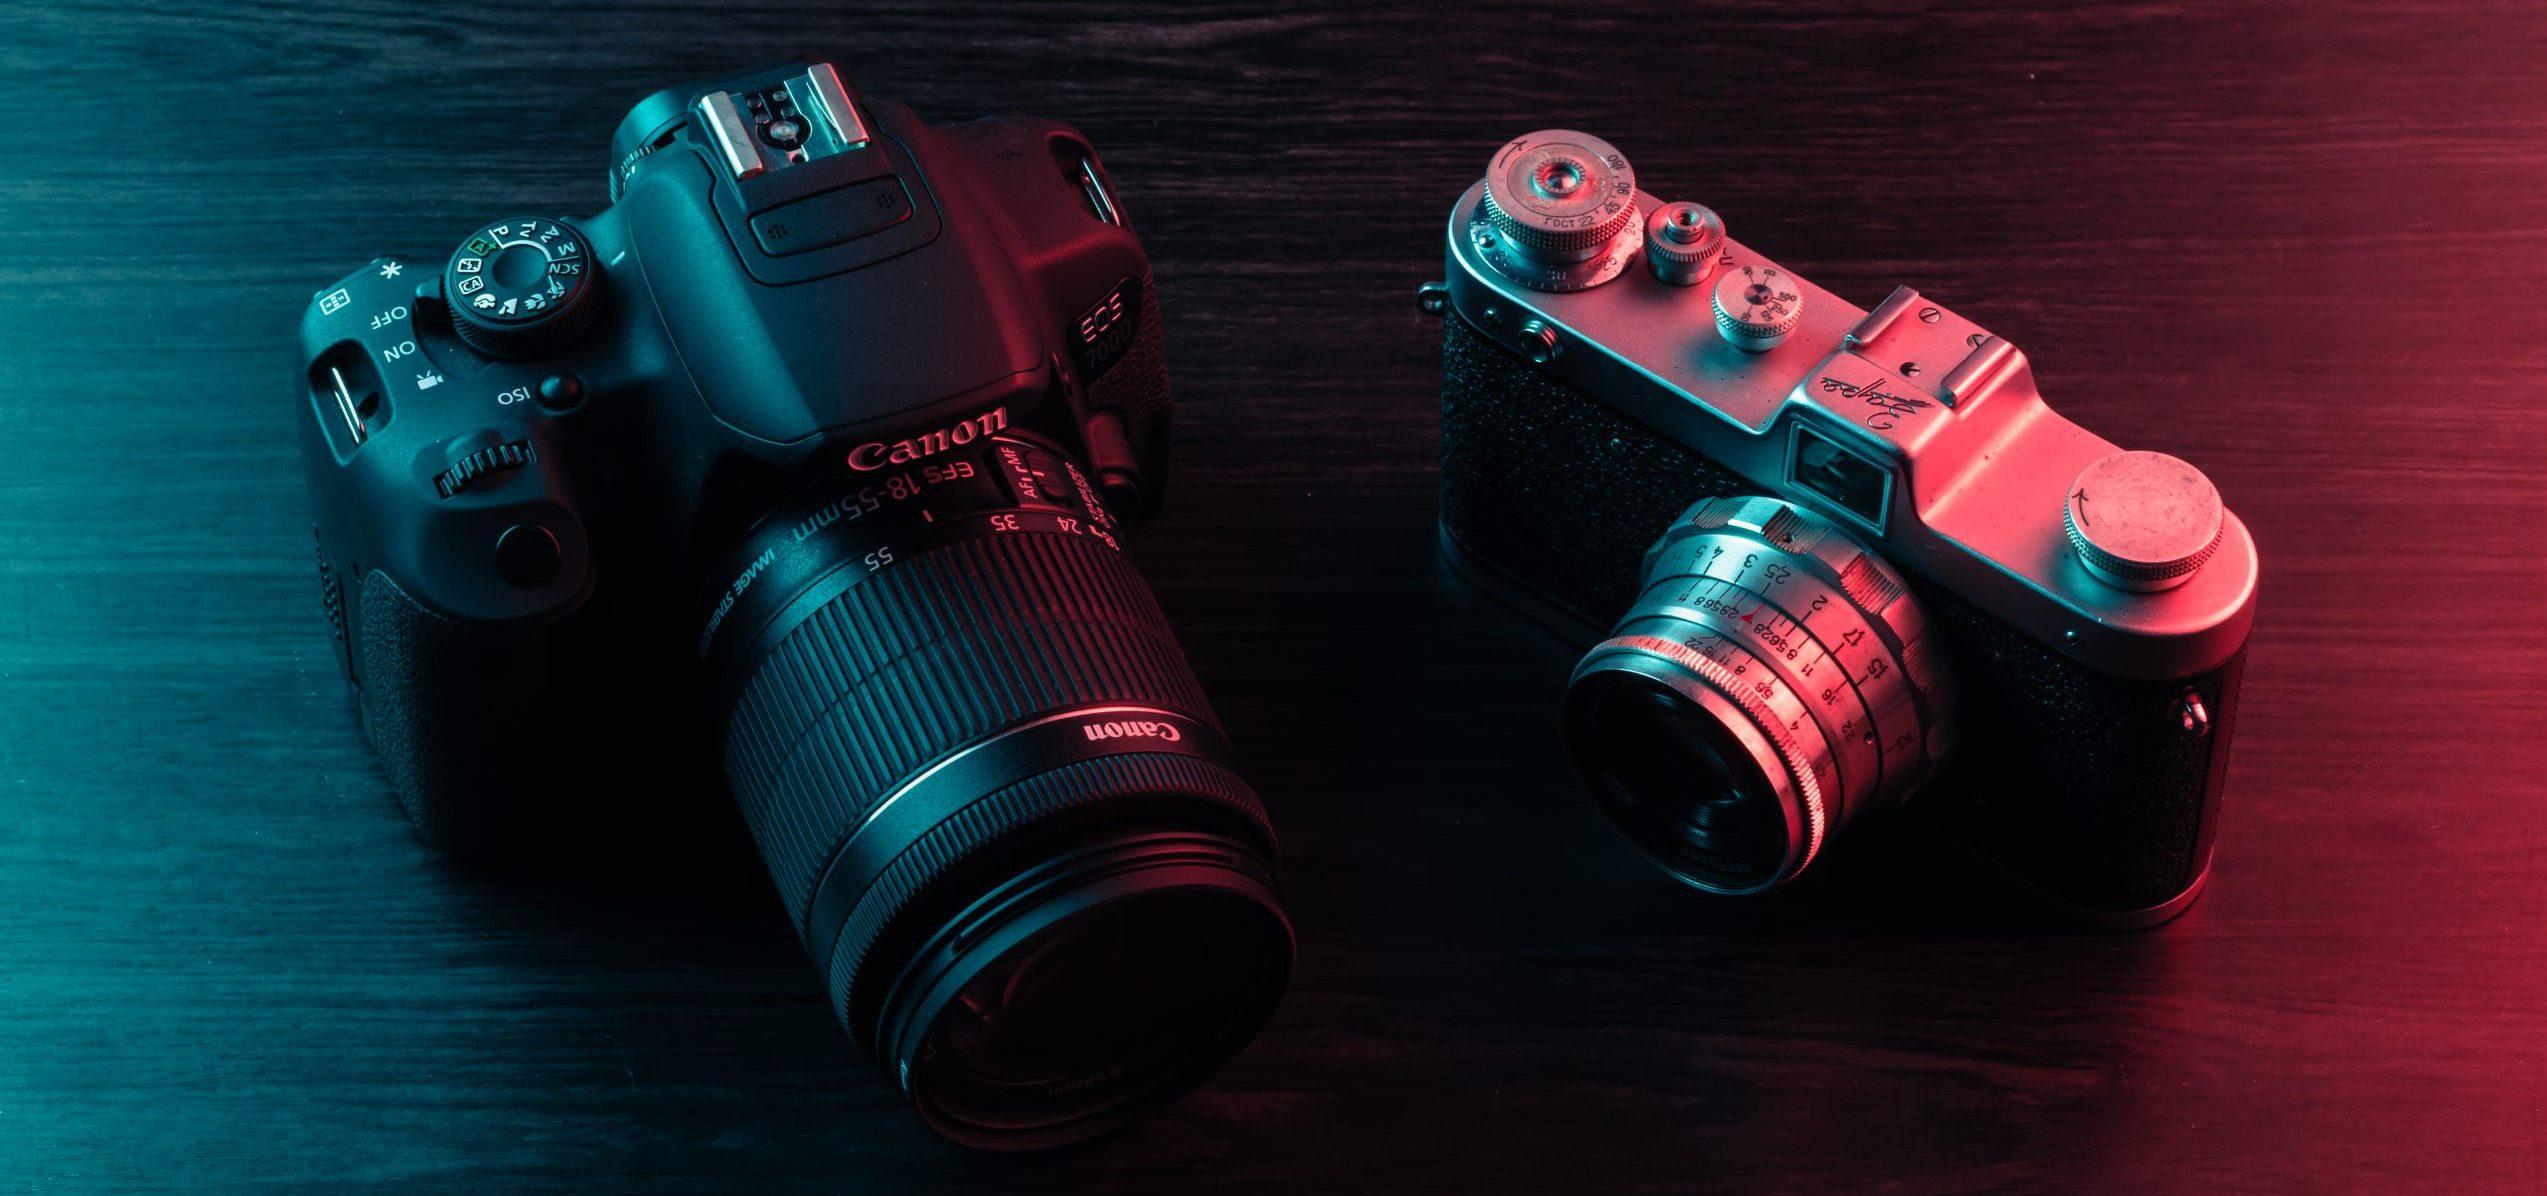 Câmera Canon: Qual a melhor de 2020?